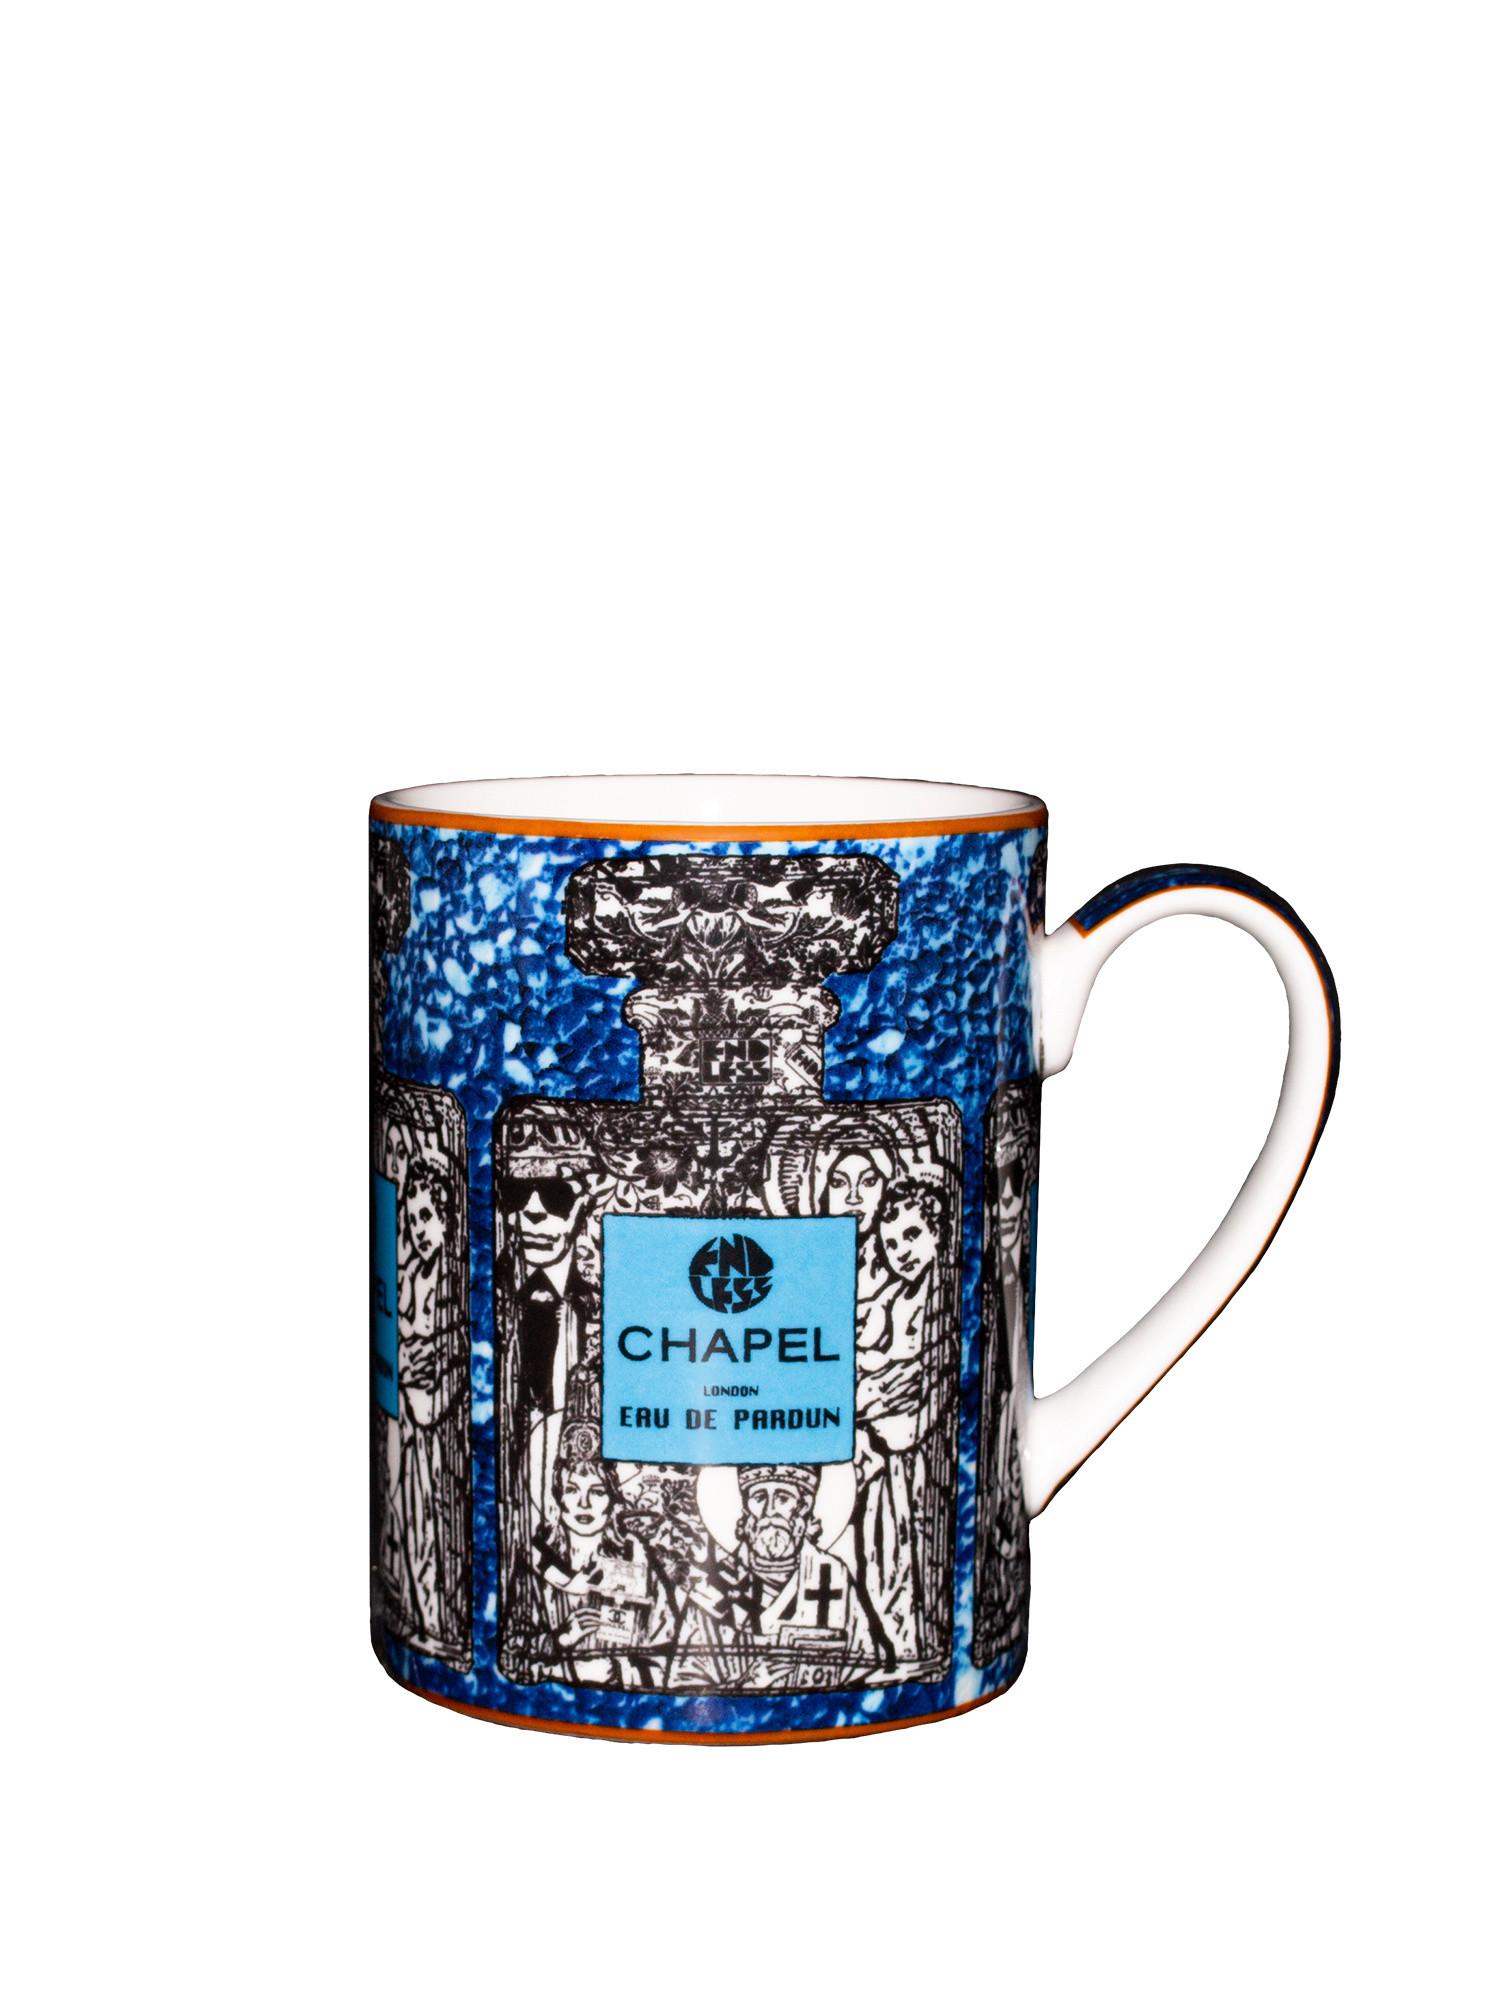 Mug Chapel Blu di Endless, Multicolor, large image number 0